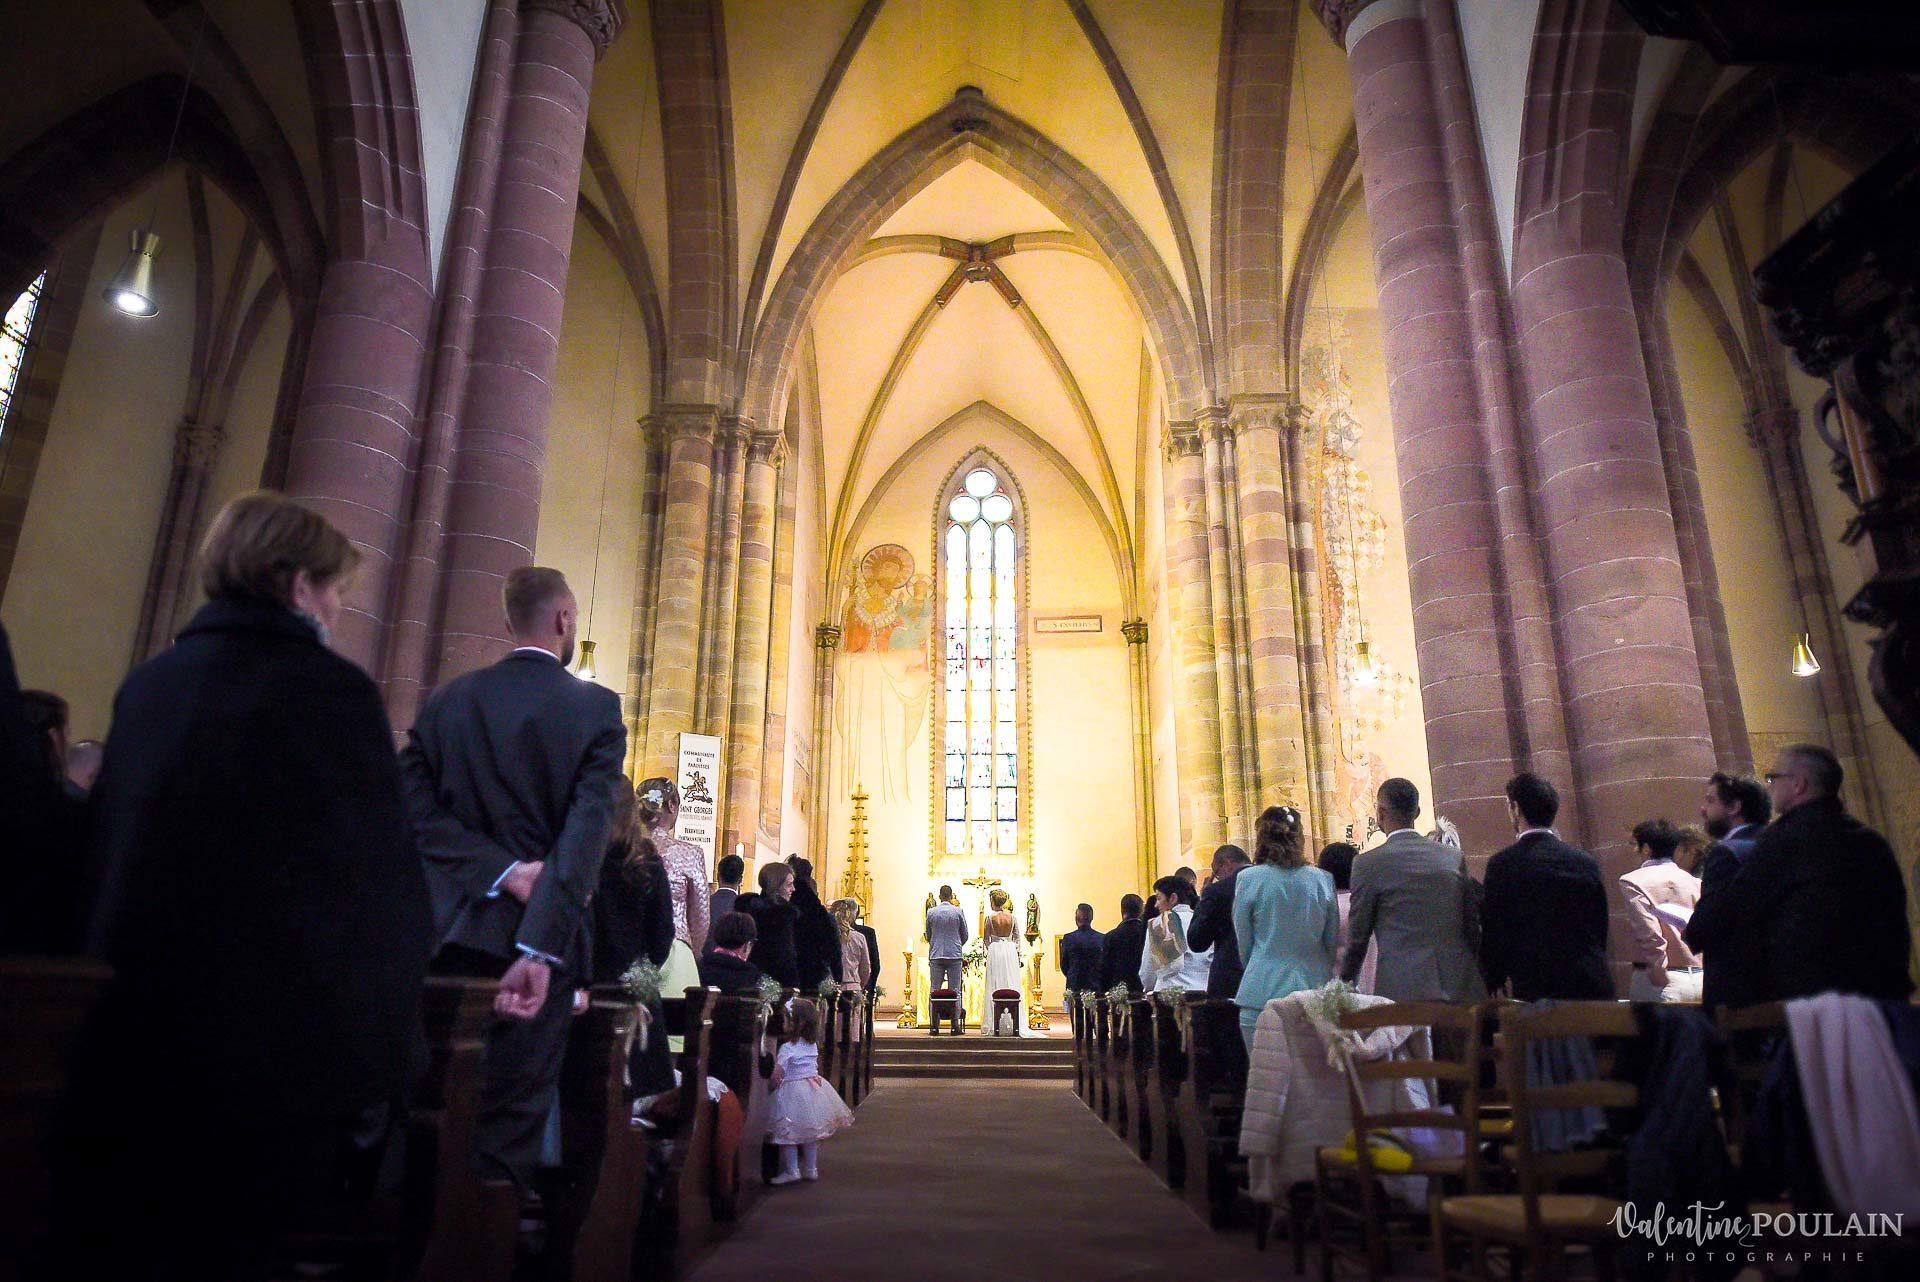 Mariage cité du train église - Valentine Poulain